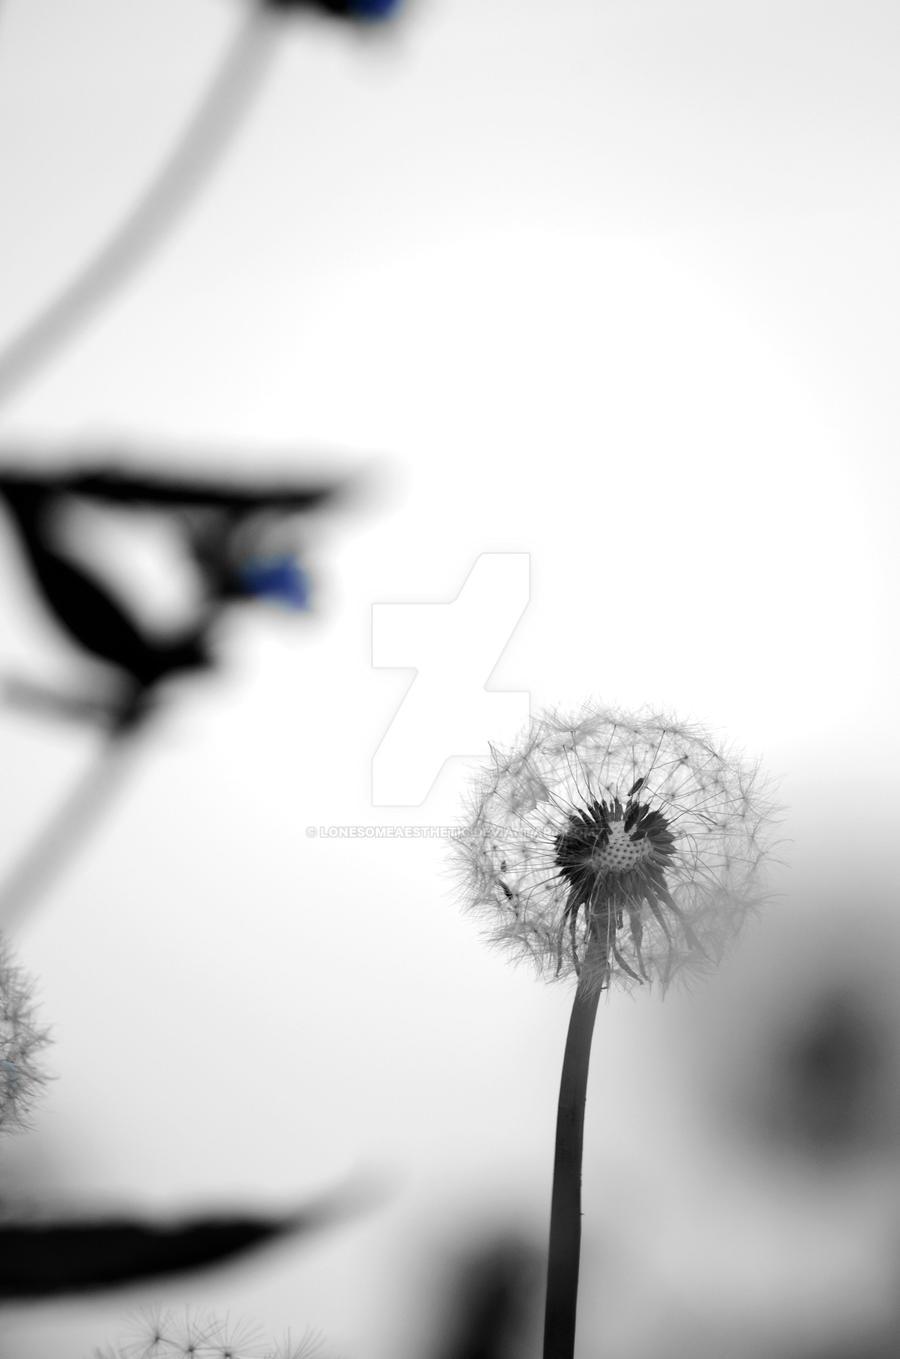 Dandelion II by lonesomeaesthetic